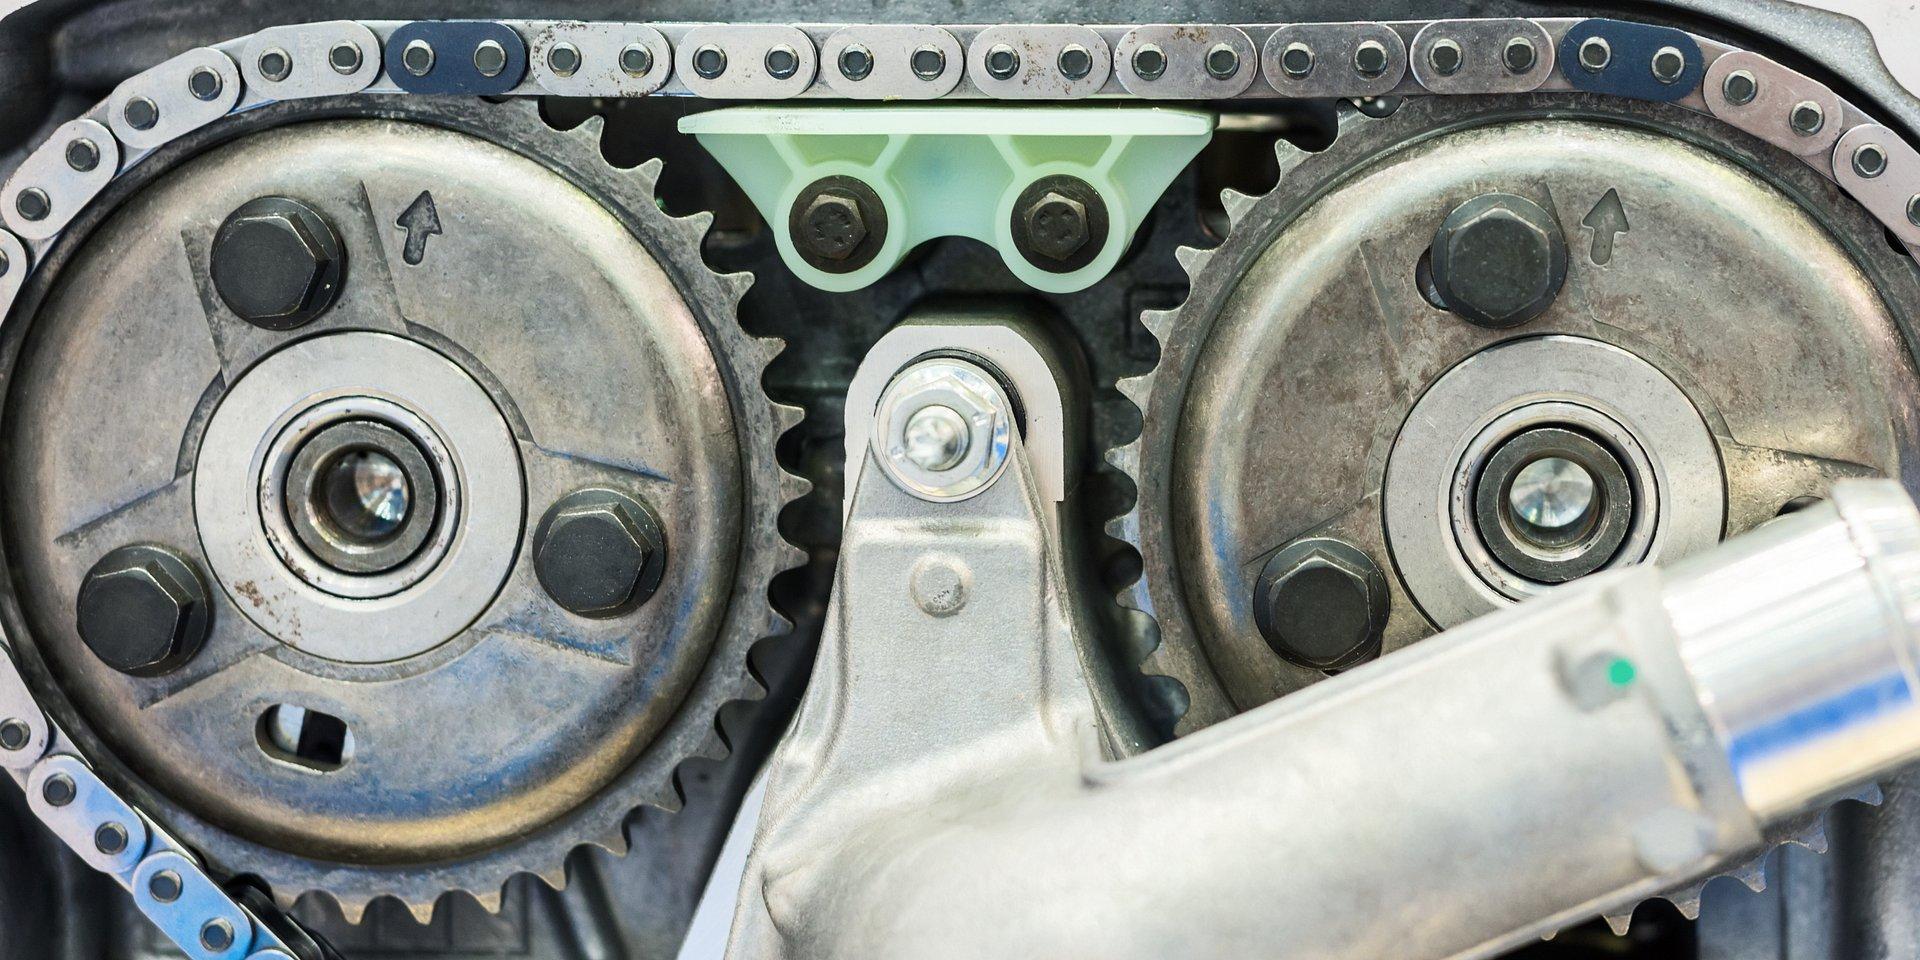 Zerwanie łańcucha rozrządu – przyczyny oraz konsekwencje dla silnika